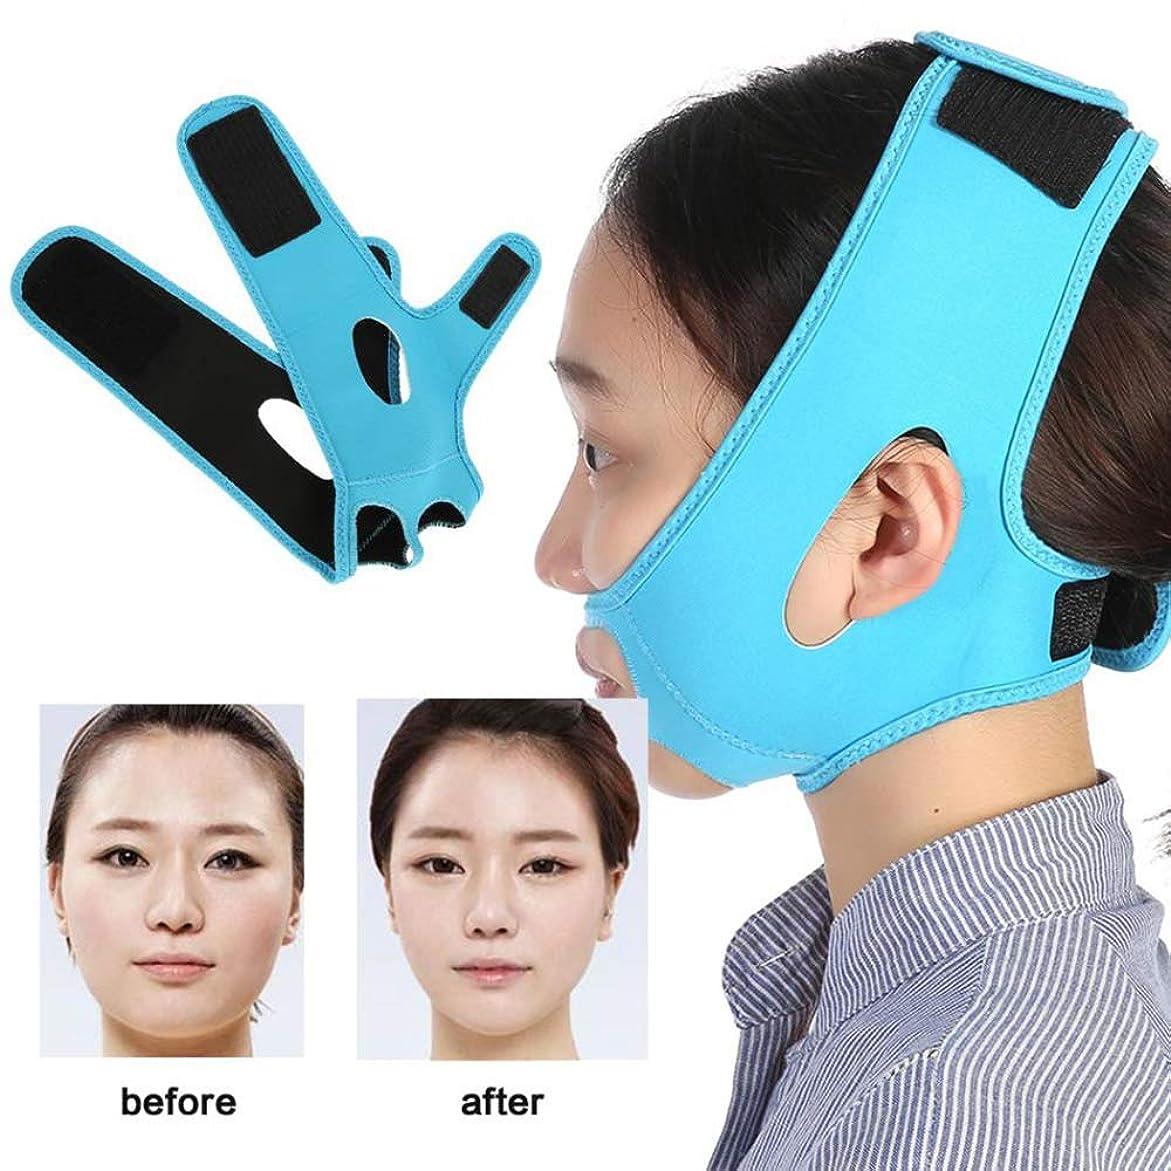 プロペラ成人期面積包帯のスキンケアのベルトの形および上昇を細くする顔の薄いフェイスマスクは二重あごのフェイスマスクの顔のThiningバンドを減らします